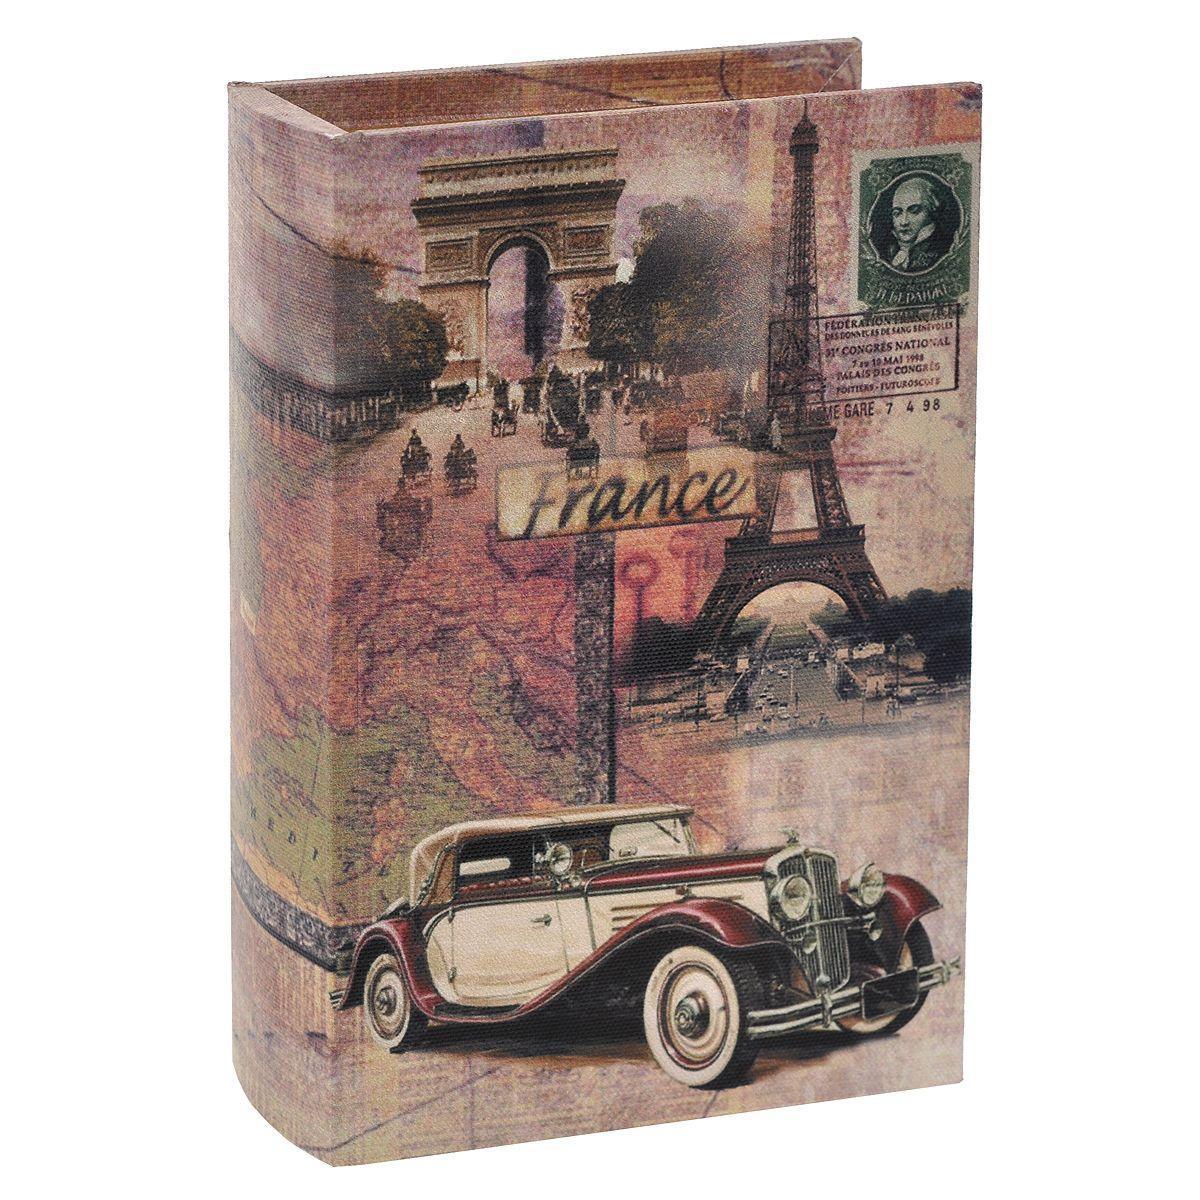 Шкатулка декоративная France, 20 см х 13,5 х 4,5 см. 7701688-12400604595335Декоративная шкатулка «France» не оставит равнодушной ни одну любительницу изысканных вещей. В такой шкатулке удобно хранить бижутерию или аксессуары для рукоделия. Вместительная шкатулка, выполнена из МДФ с отделкой из текстиля и оформлена изображениями главных достопримечательностей Франции. Внутри — отделка из полиэстера коричневого цвета. Шкатулка выполнена в виде книги и закрывается при помощи магнита. Сочетание оригинального дизайна и функциональности представляют шкатулку практичным и стильным подарком, а также предметом гордости ее обладательницы.